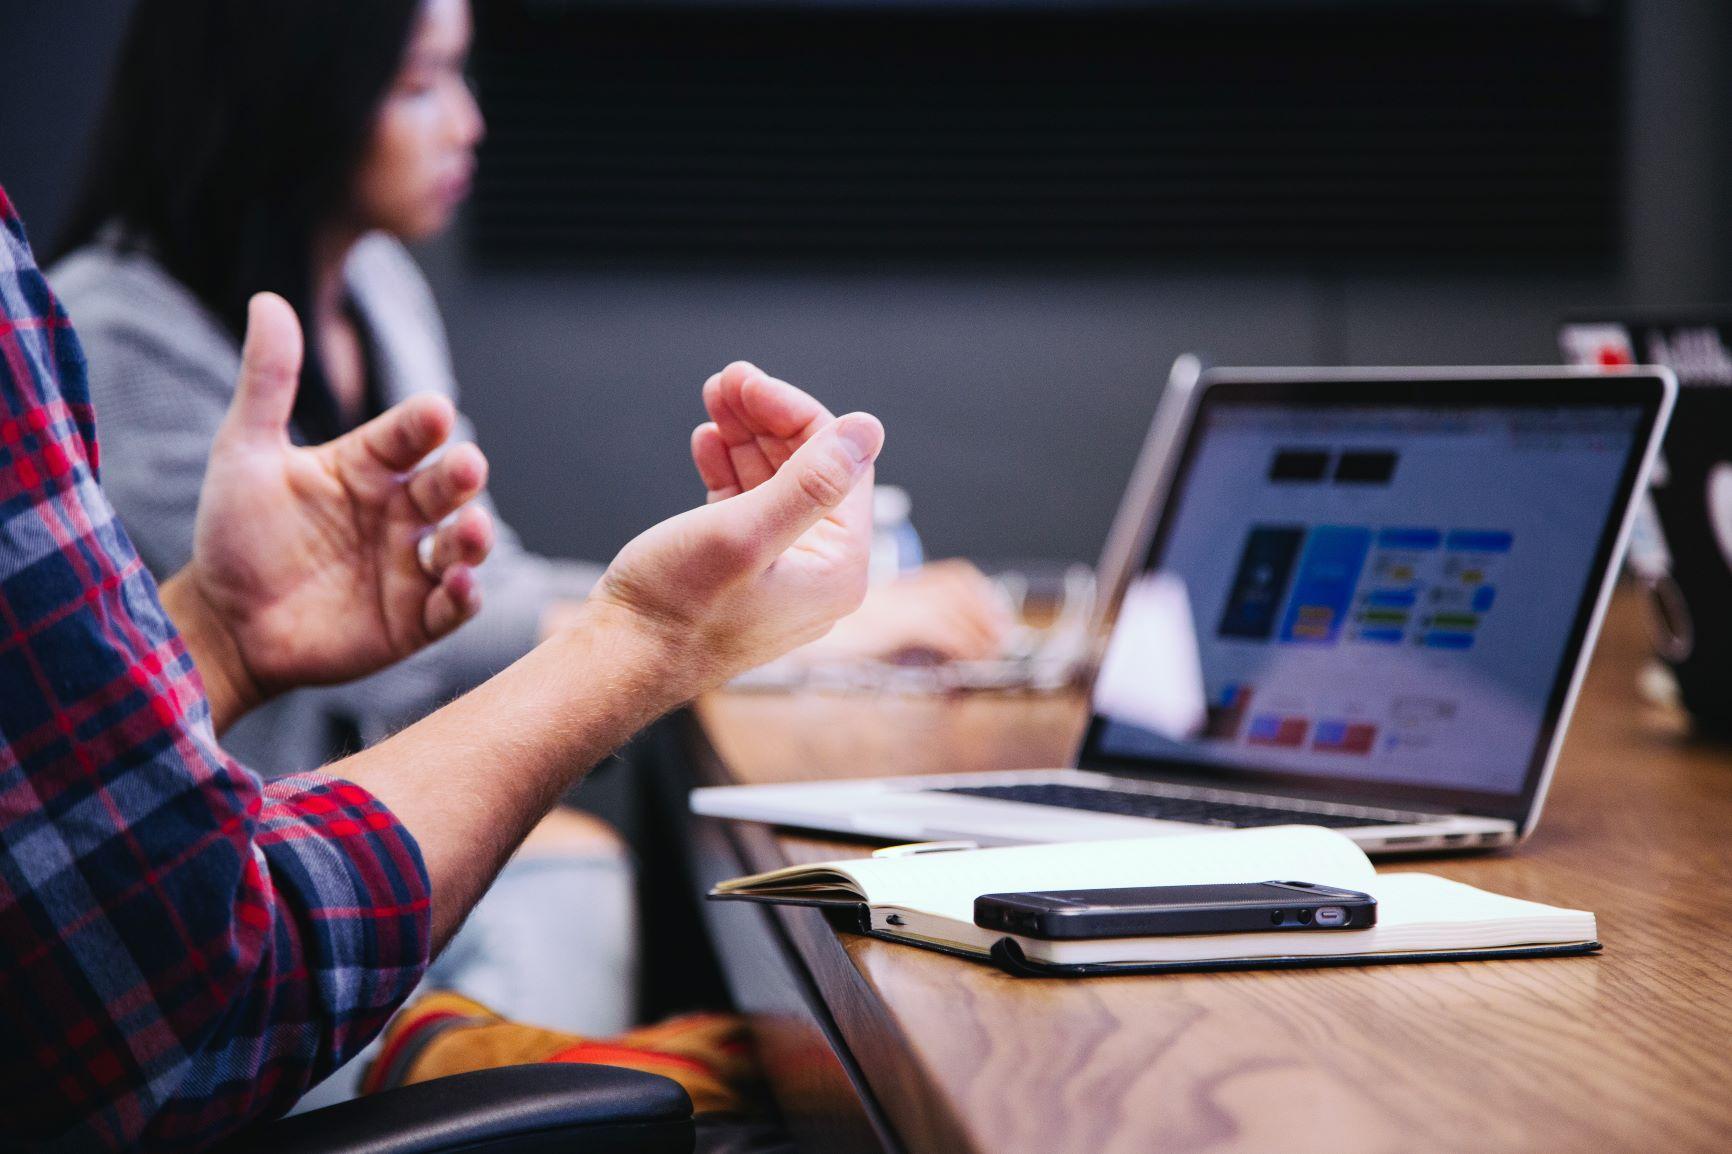 Startup gründen darauf solltet Ihr achten - PropTech-Startup am Bodensee vereinfacht Beratung von Rendite-Immobilien mit revolutionärer Immobiliensoftware